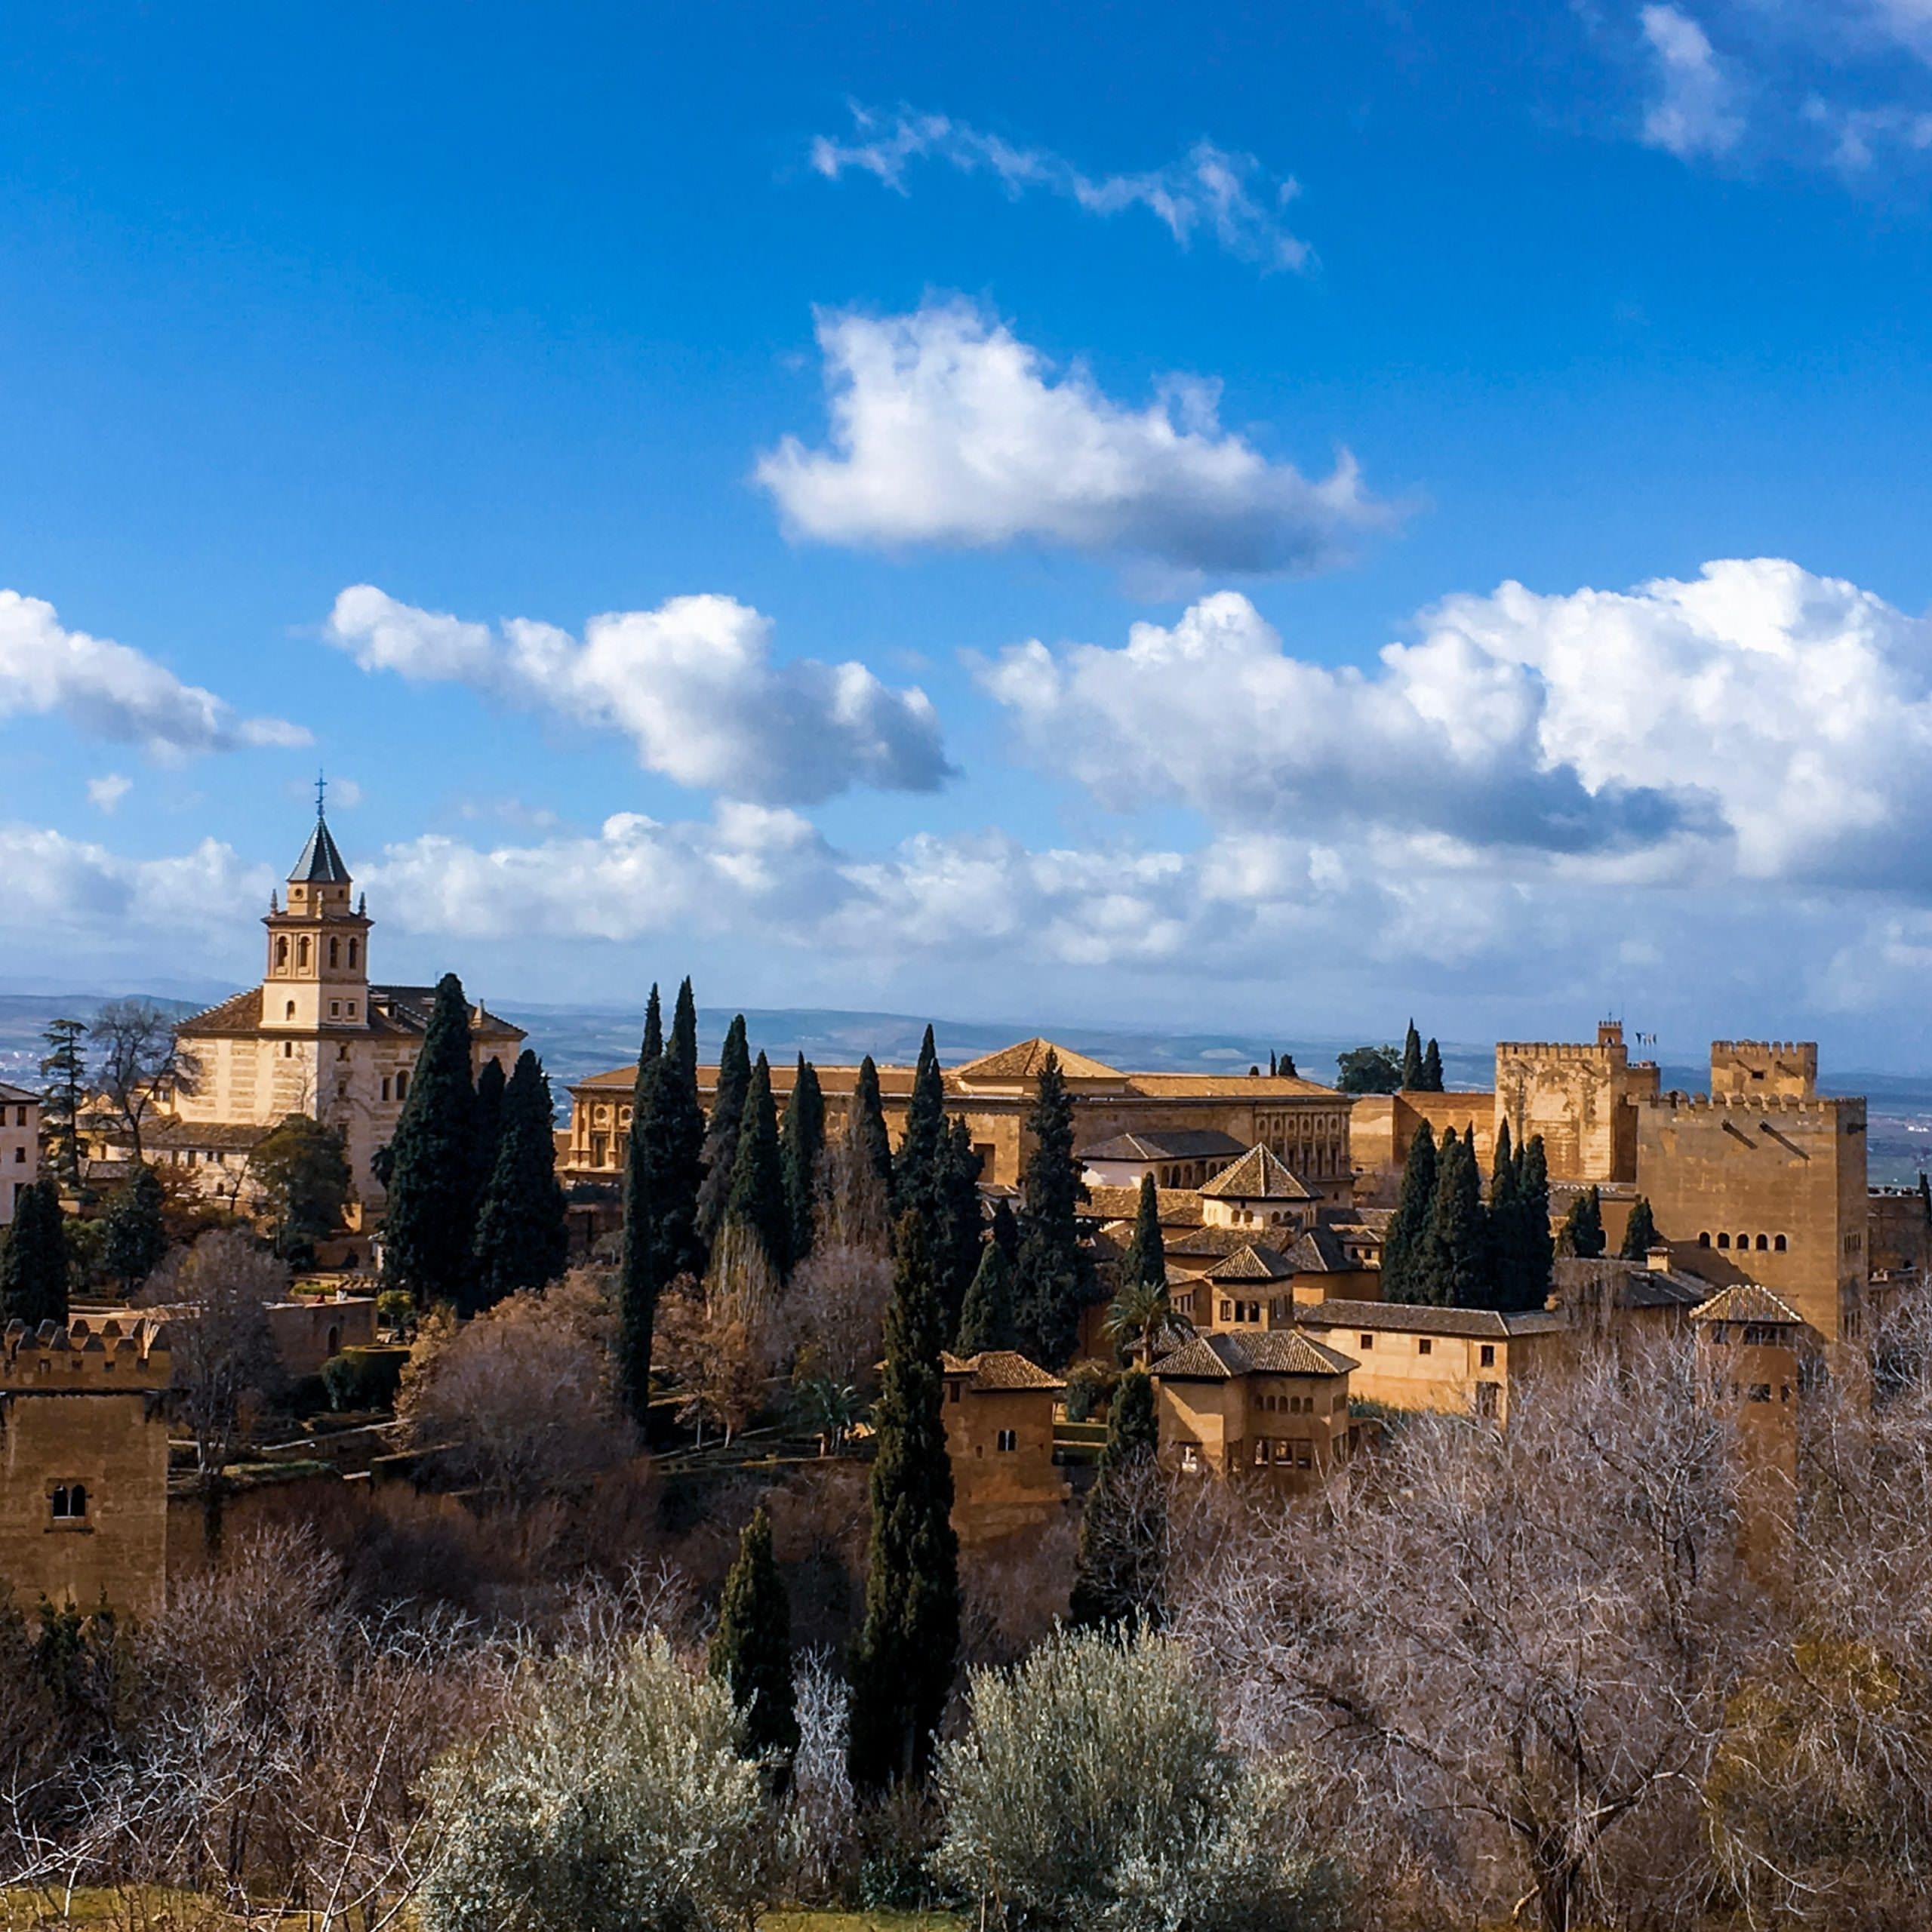 أعلى الوجهات السياحية تقييماً في غرناطة ، إسبانيا